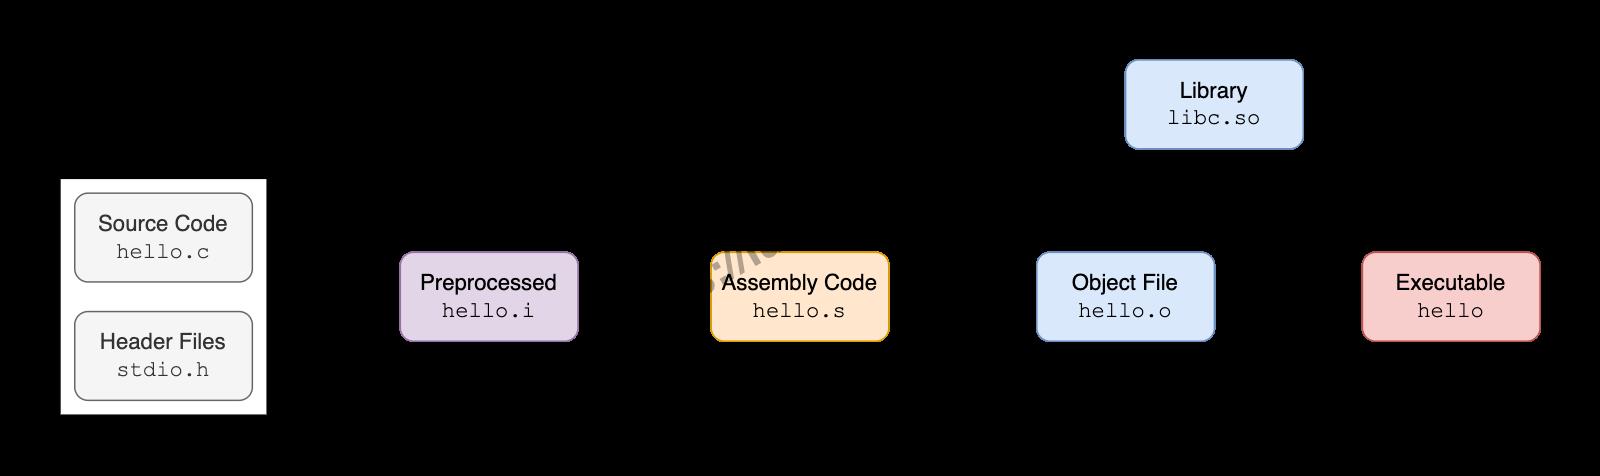 编译HelloWorld需要经过预处理、编译、汇编和链接四个步骤